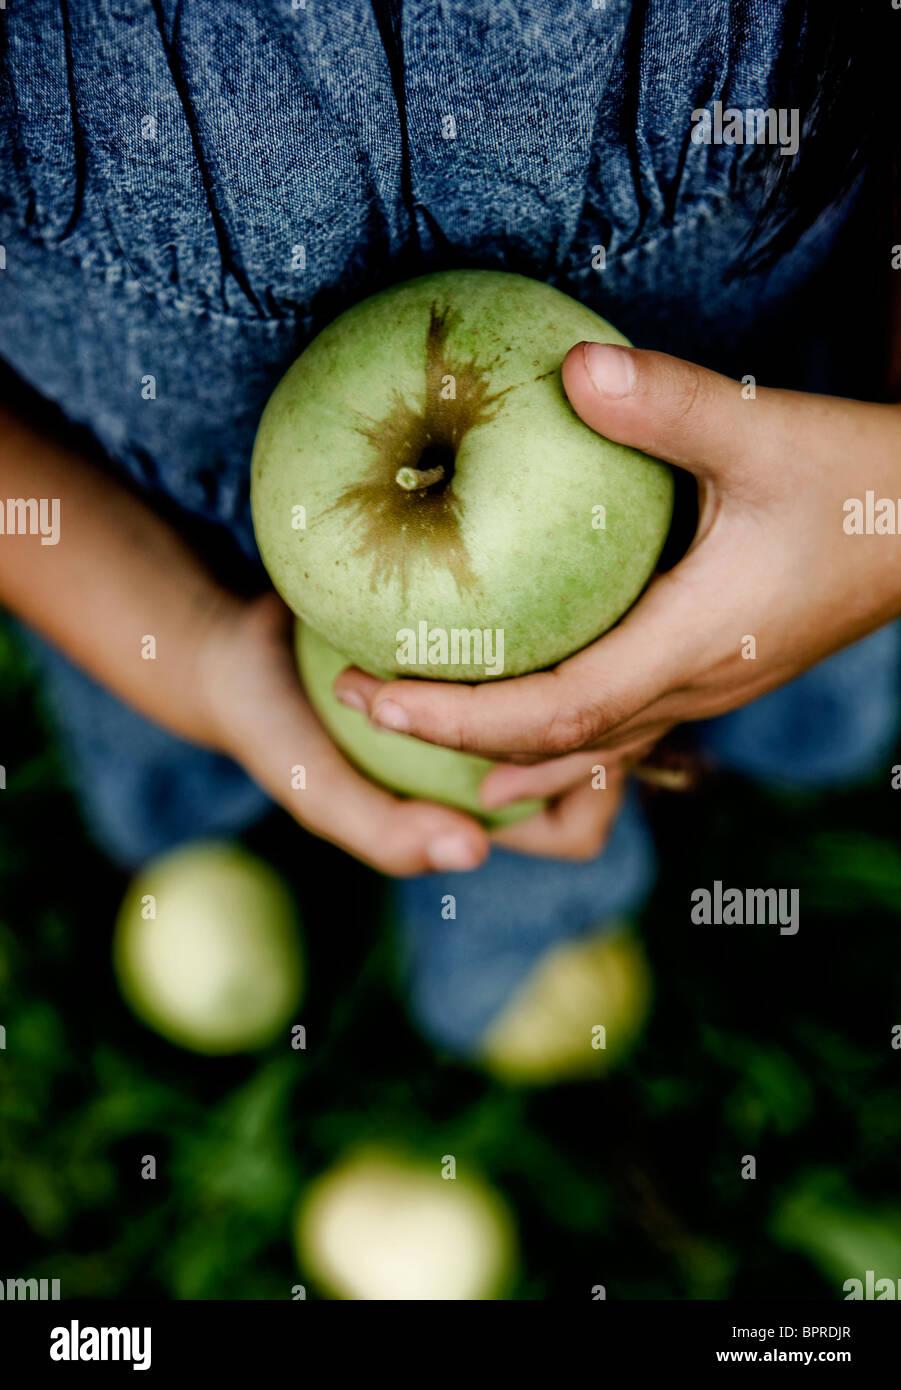 Une jeune fille tient la pomme verte dans un verger à Calhoun County, Illinois, le 28 septembre 2008. Banque D'Images